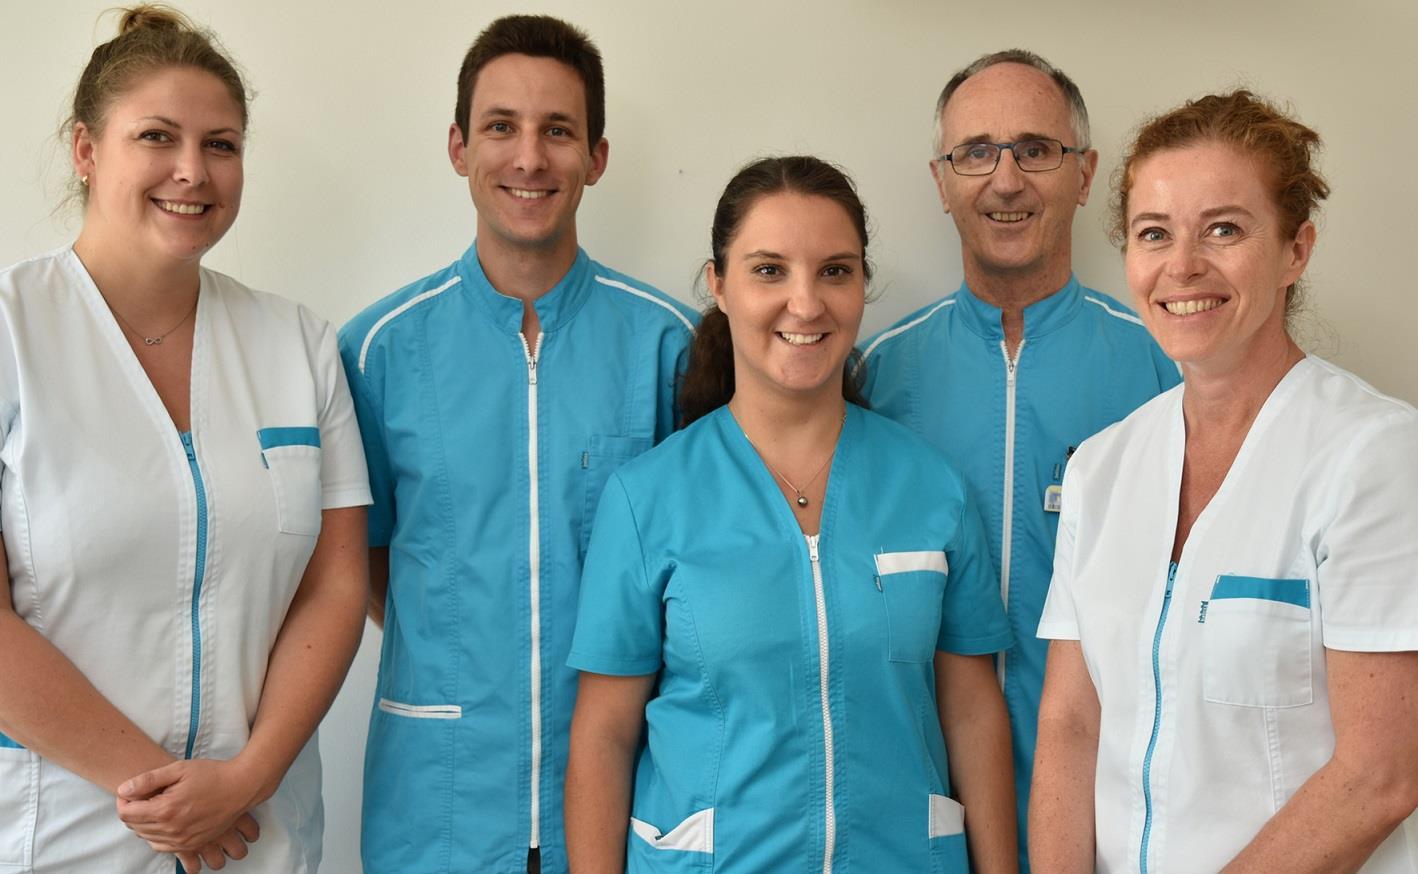 Chirurgie dentaire : quelles sont les différentes chirurgies dentaires ?